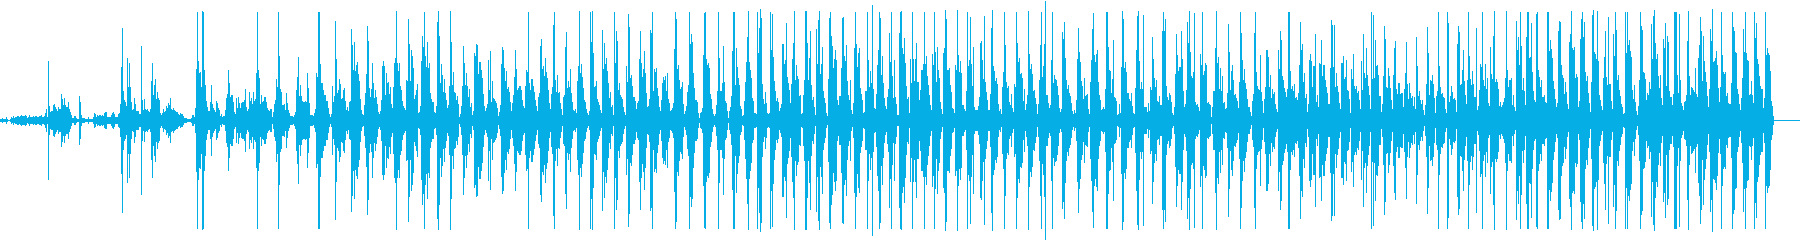 ベッドウッドクリークバウンスヘビーの再生済みの波形